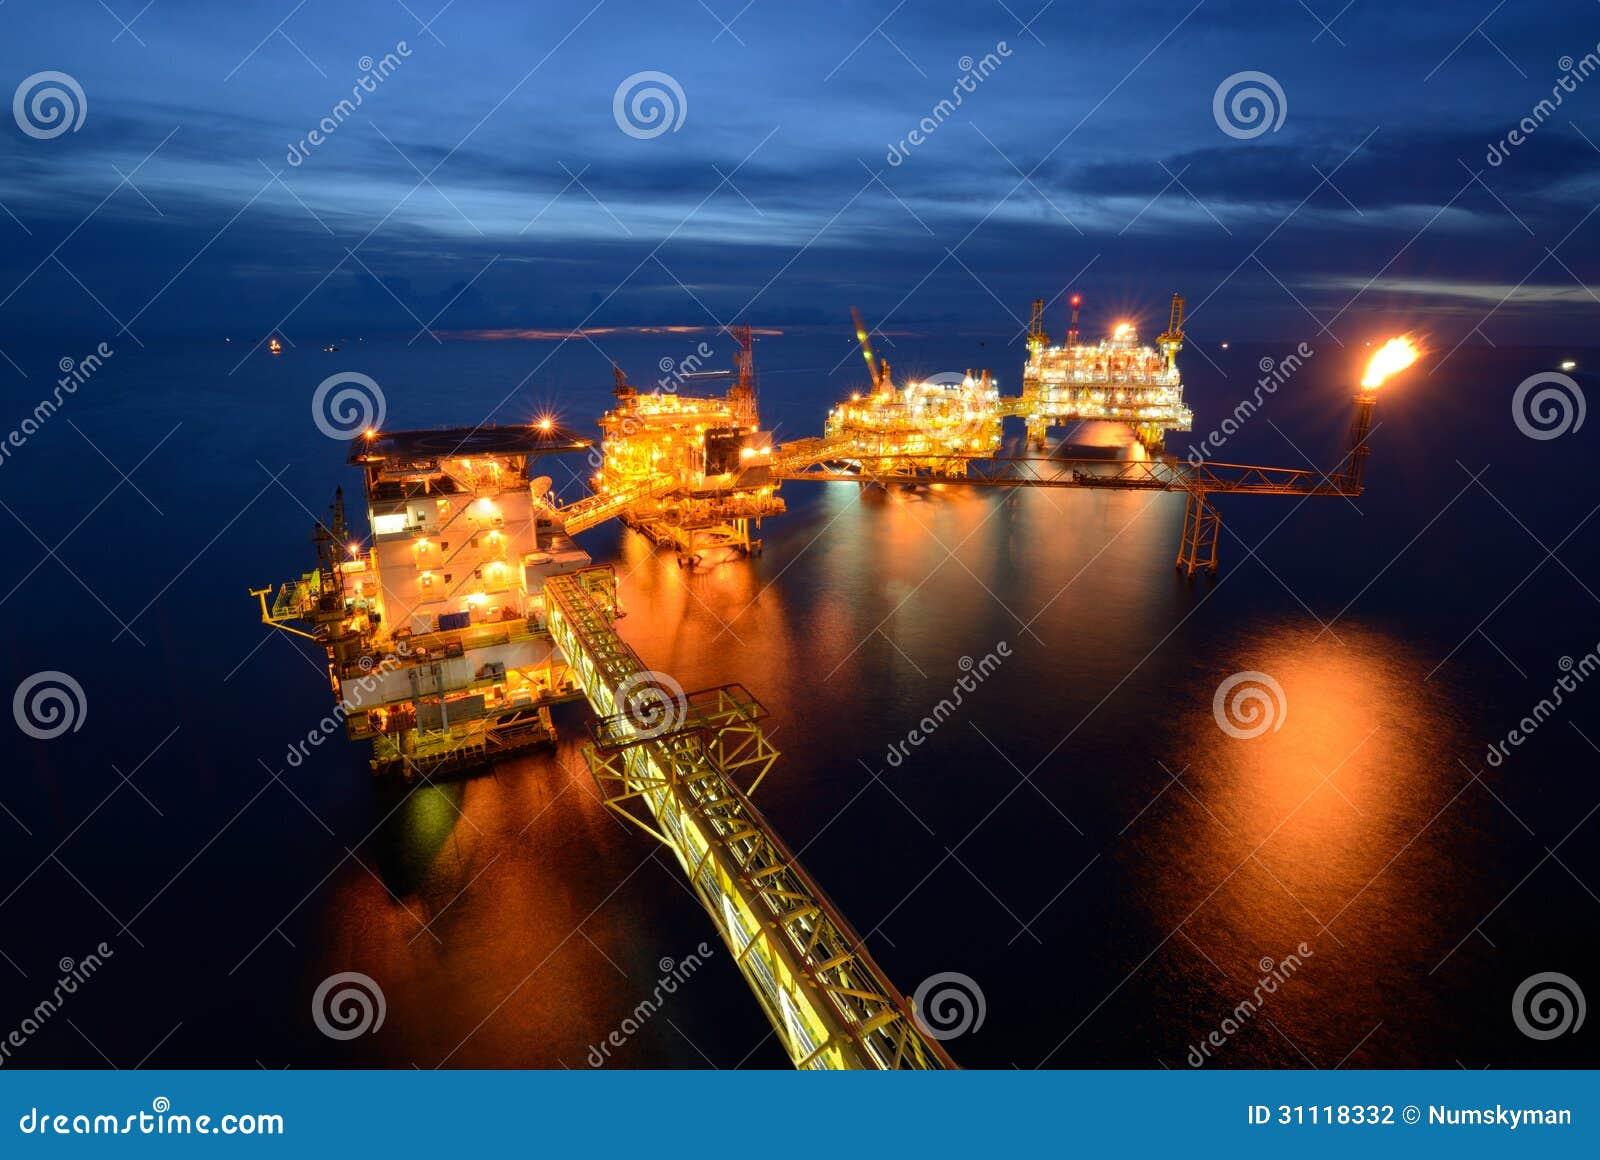 La grande piattaforma di perforazione dell impianto di perforazione del petrolio marino alla notte